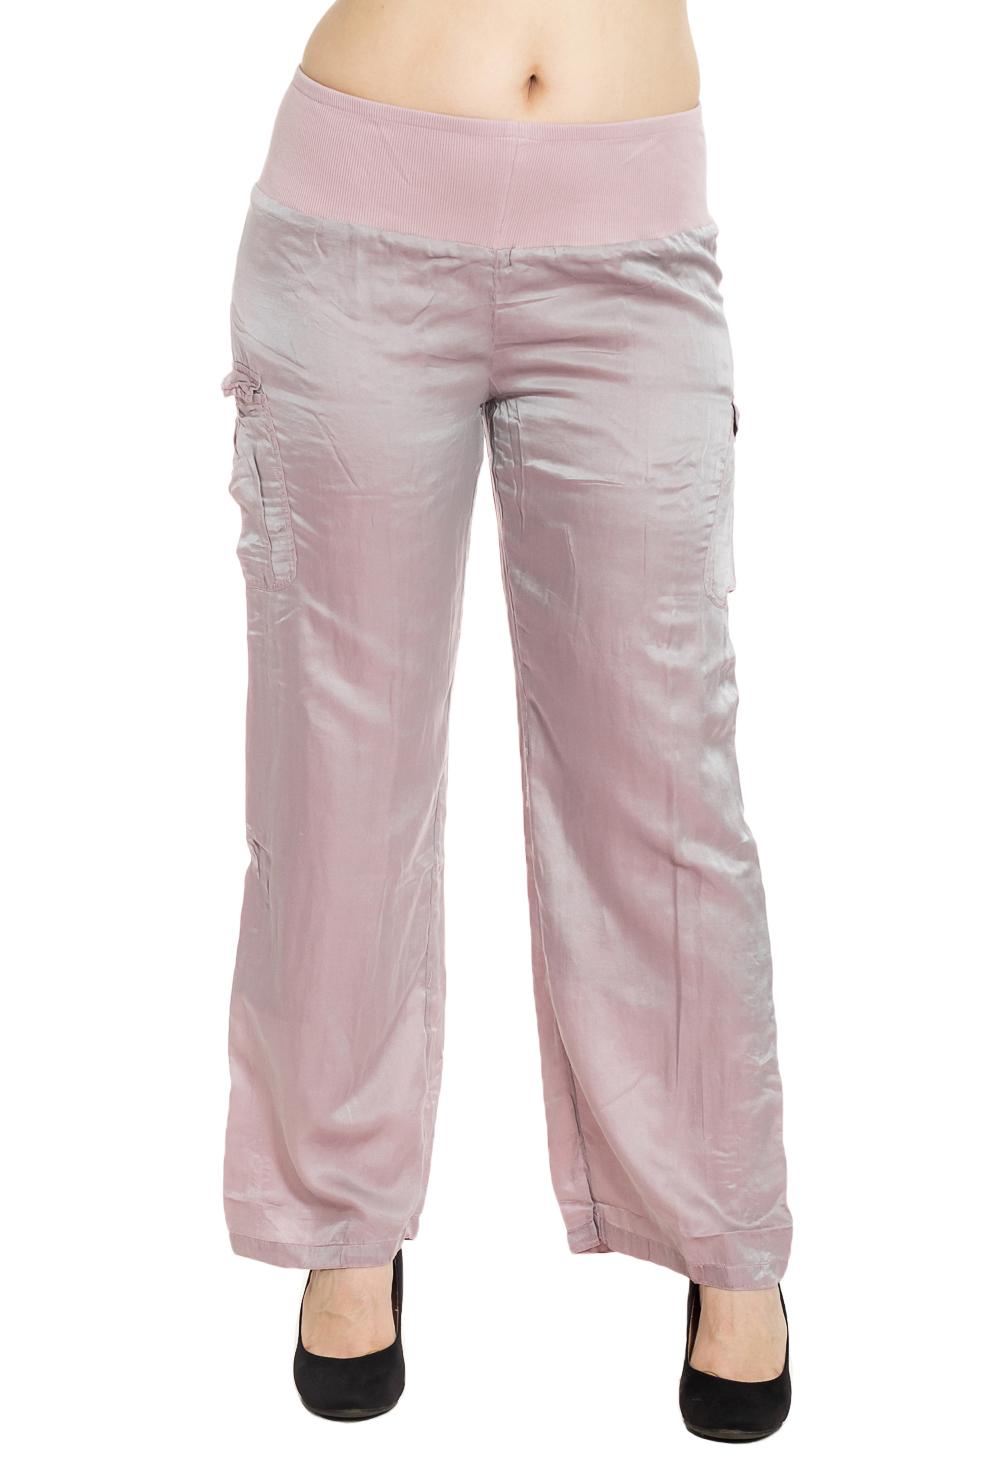 БрюкиБрюки<br>Универсальные брюки из приятного материала. Отличный выбор для повседневного гардероба.  Цвет: розовый  Рост девушки-фотомодели 180 см.<br><br>По материалу: Шелк<br>По рисунку: Однотонные<br>По силуэту: Полуприталенные<br>По стилю: Повседневный стиль,Летний стиль<br>По элементам: С карманами,С резинкой<br>По сезону: Лето<br>Размер : 44,46,50,54,60,64,68<br>Материал: Шелк<br>Количество в наличии: 20